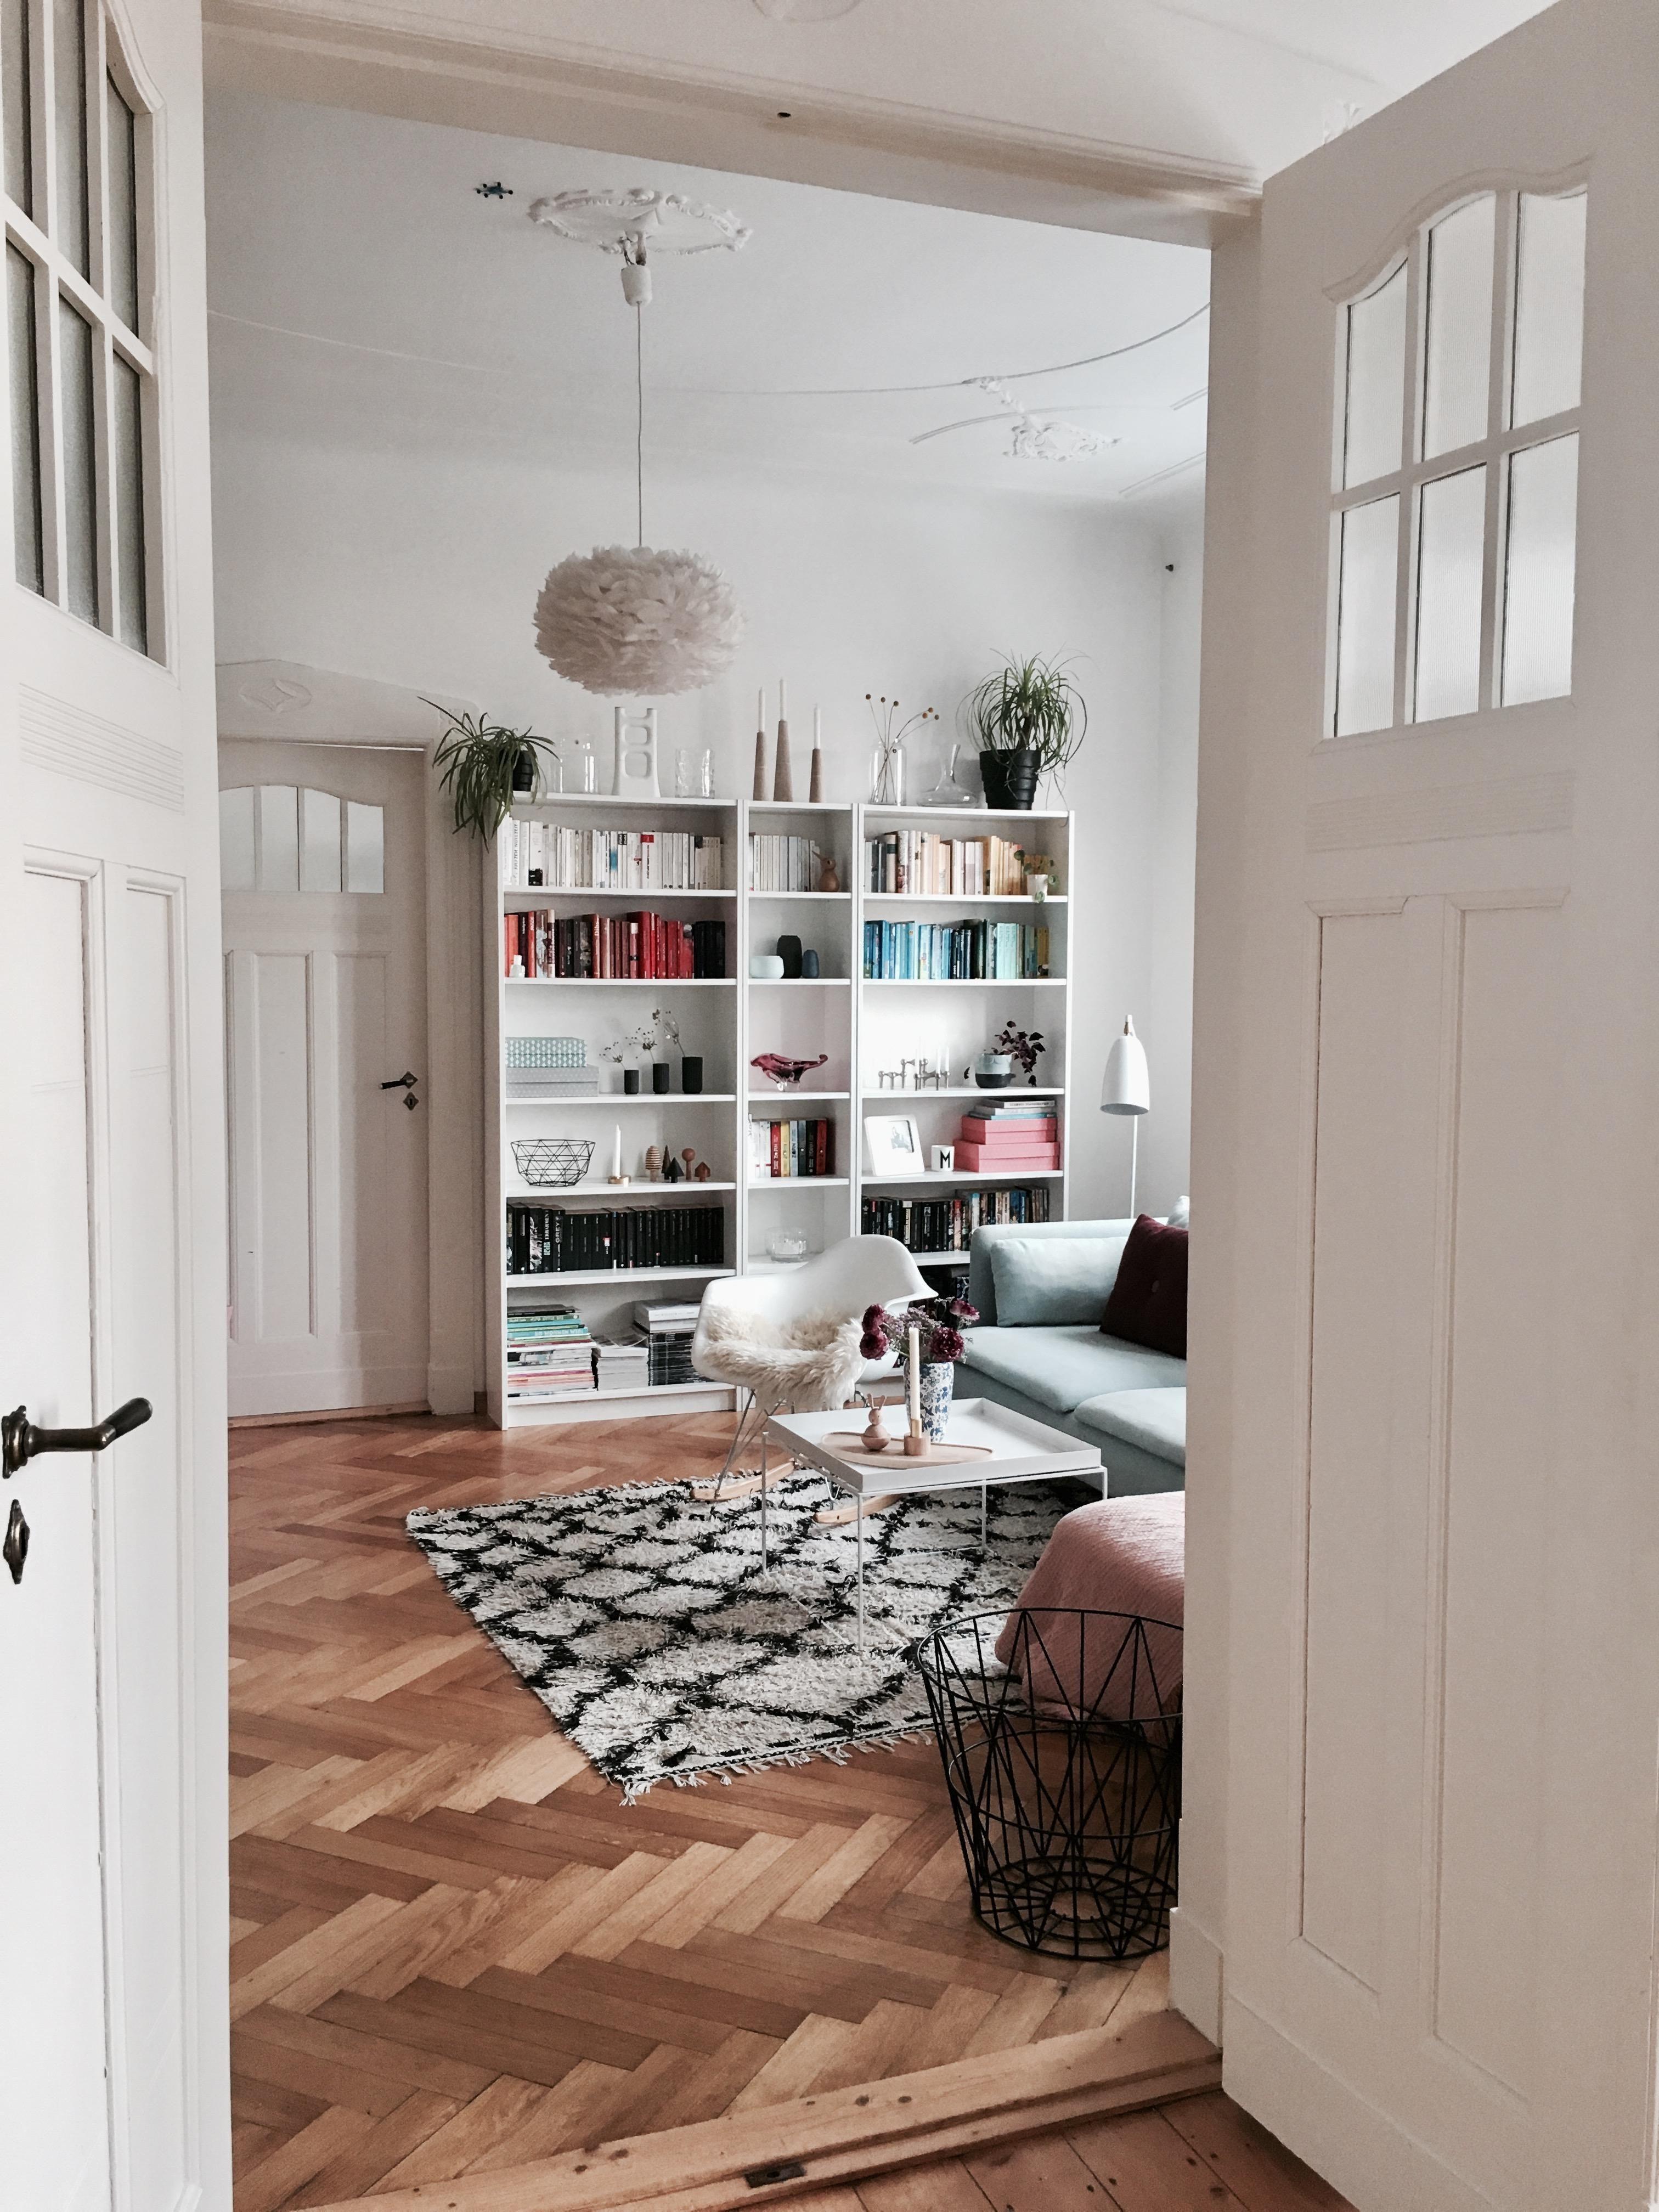 Wohnzimmer Regalwand die regalwand: aufbewahrung, dekoration und blickfang in einem